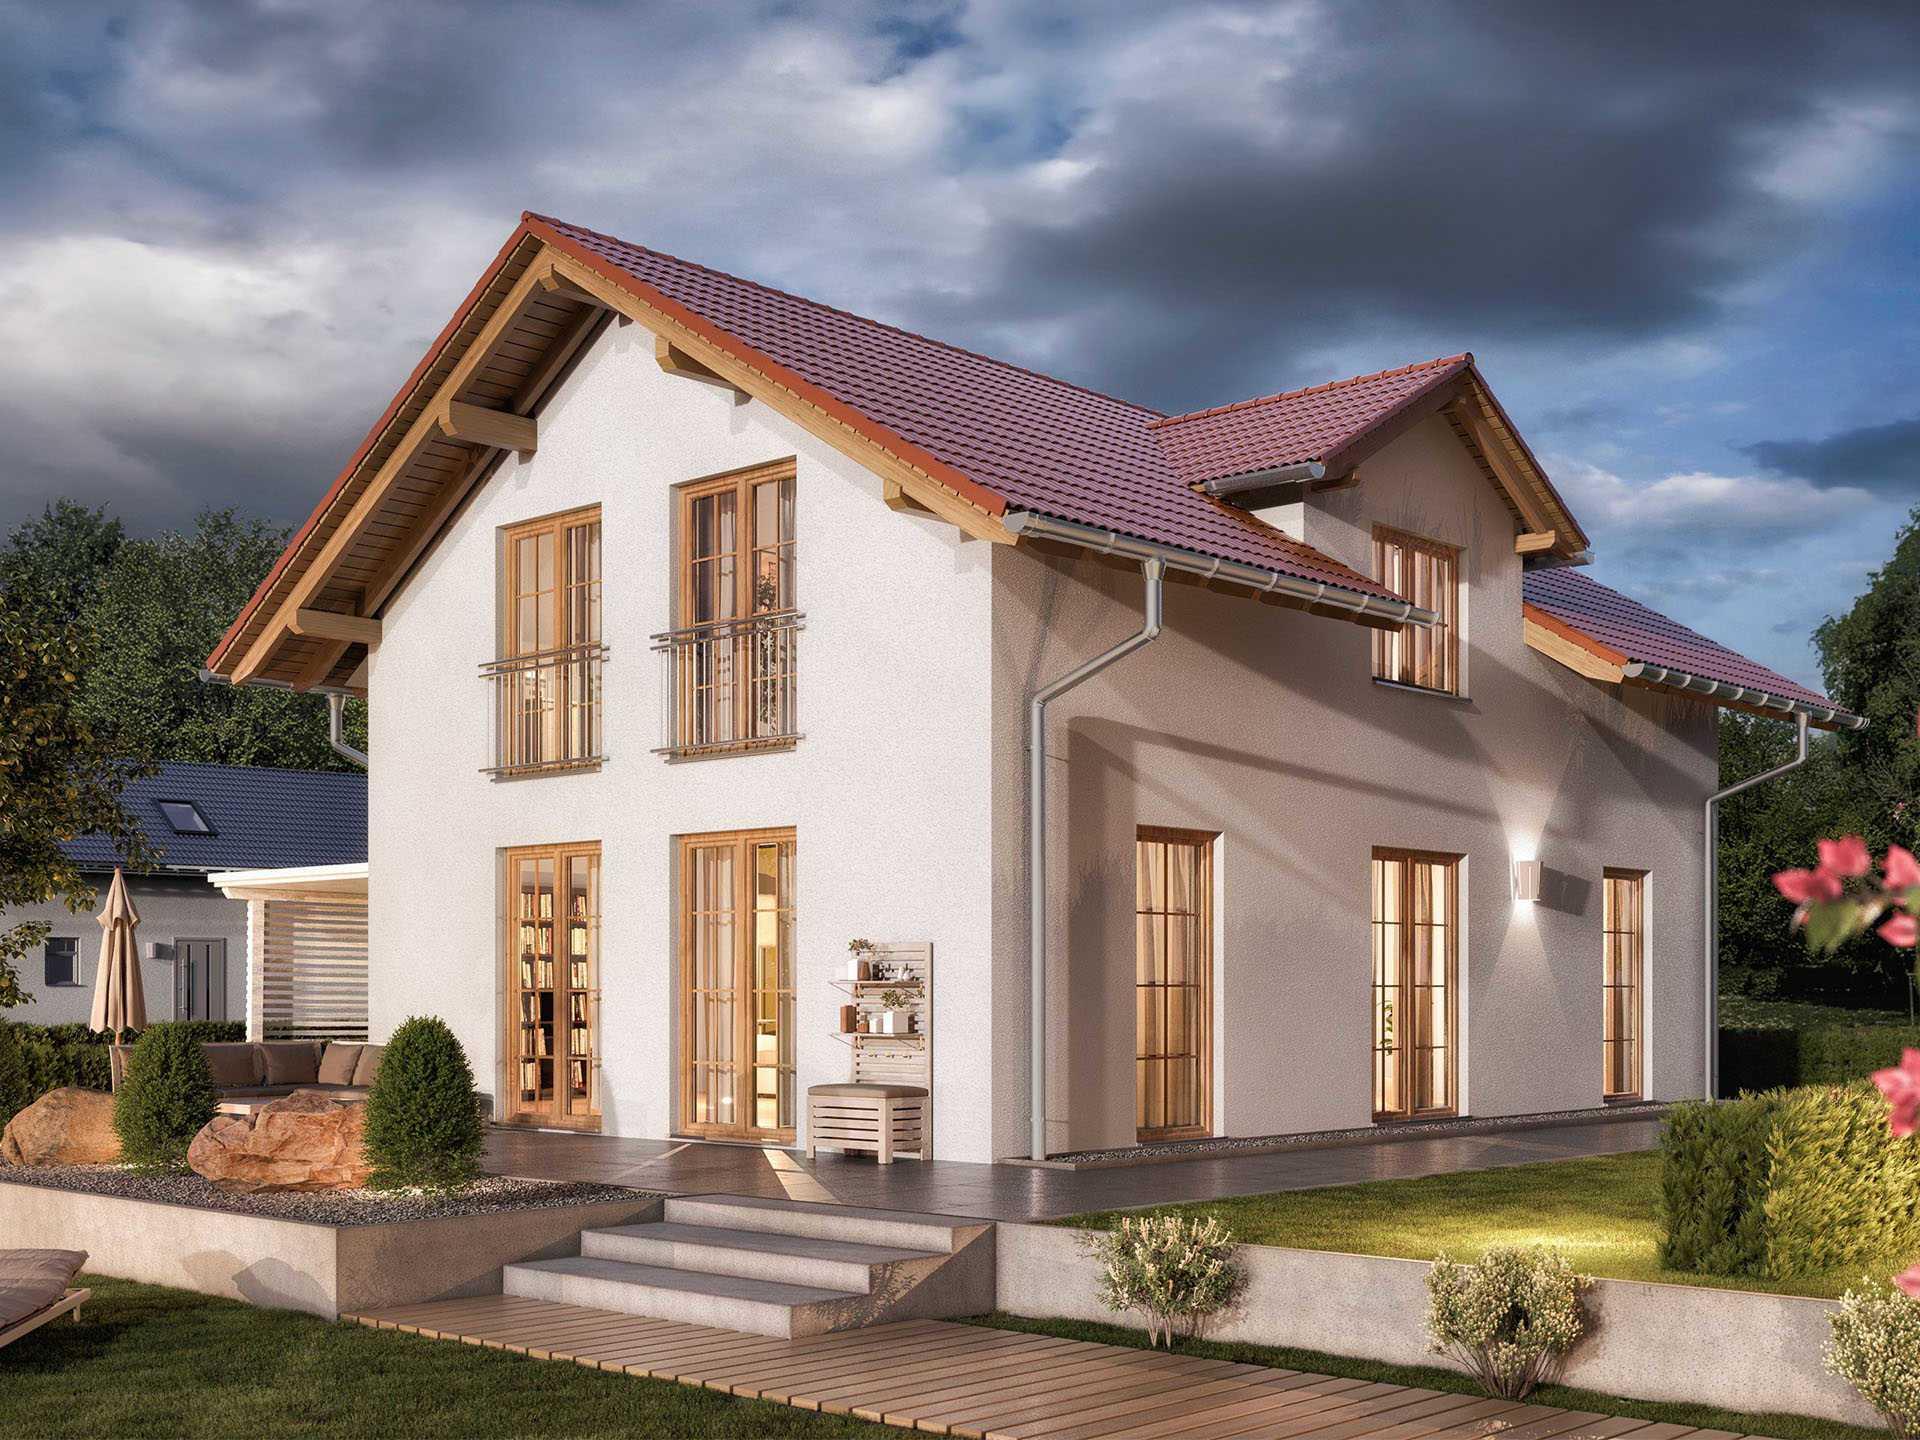 Hausbau Rosenheim - Town & Country Bodensee 129